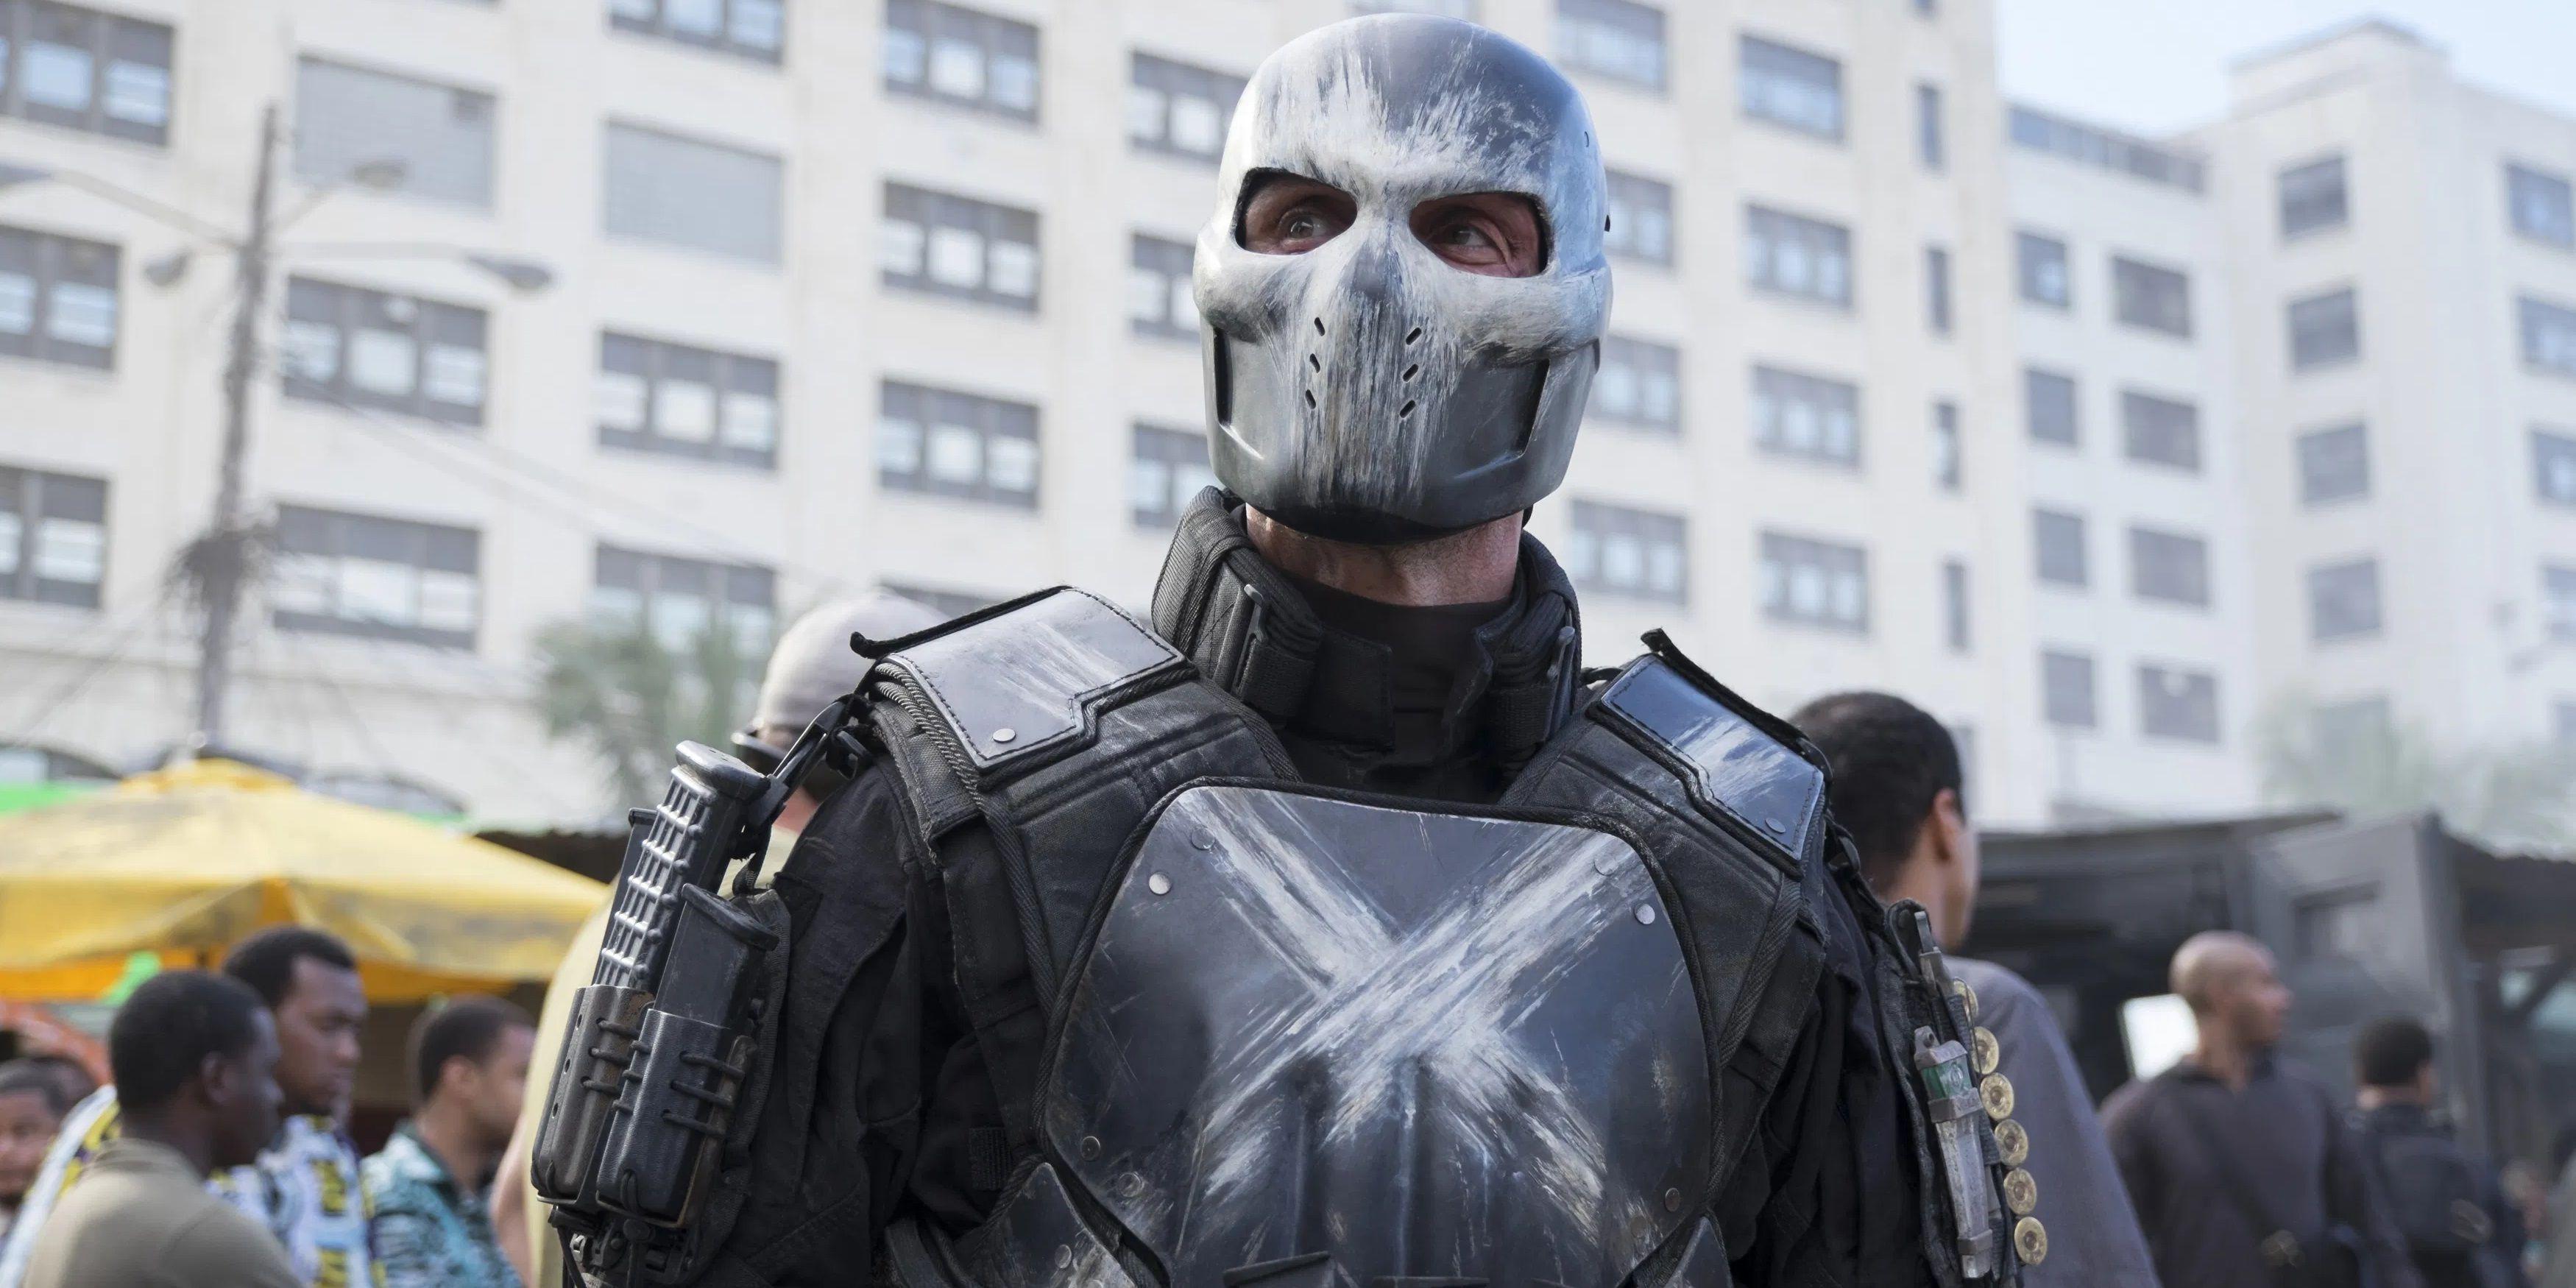 The Huge Problem Behind Captain America's Coolest MCU Villain